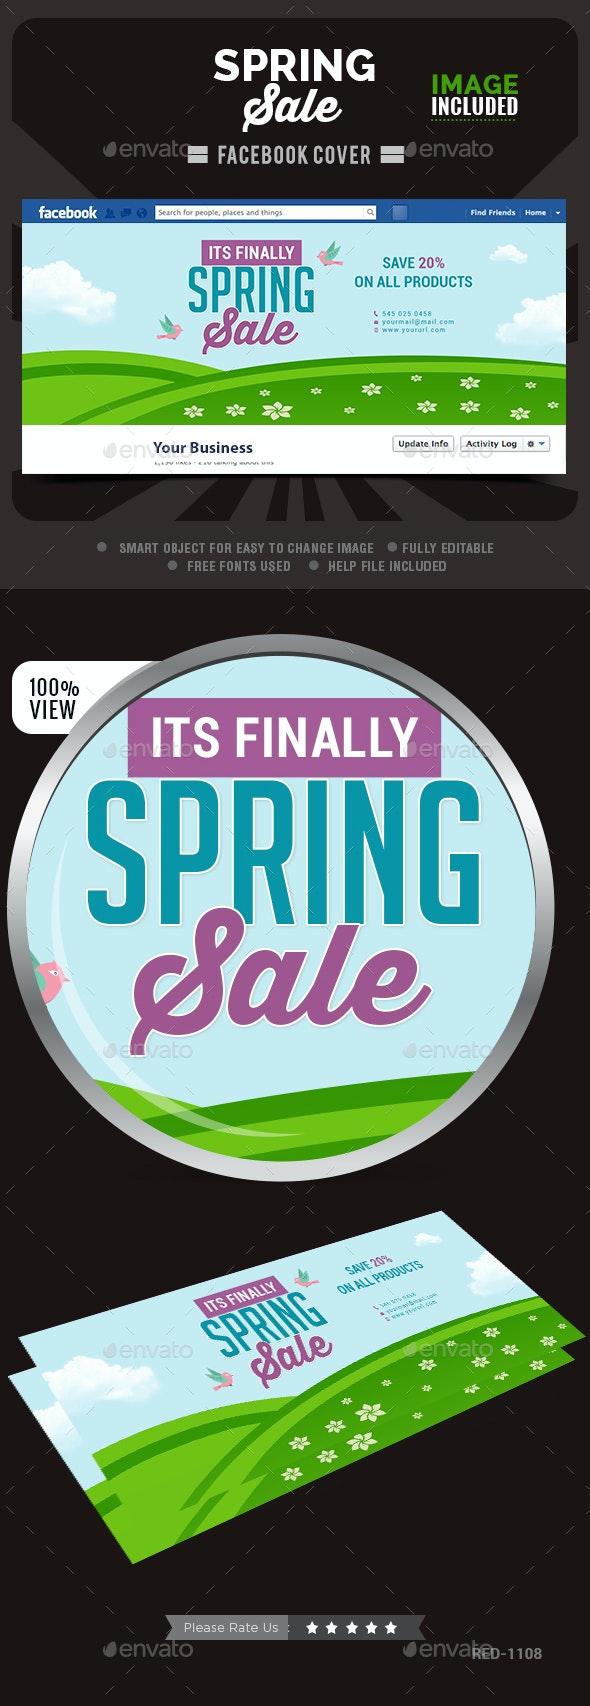 Spring Sale Facebook Cover - Facebook Timeline Covers Social Media